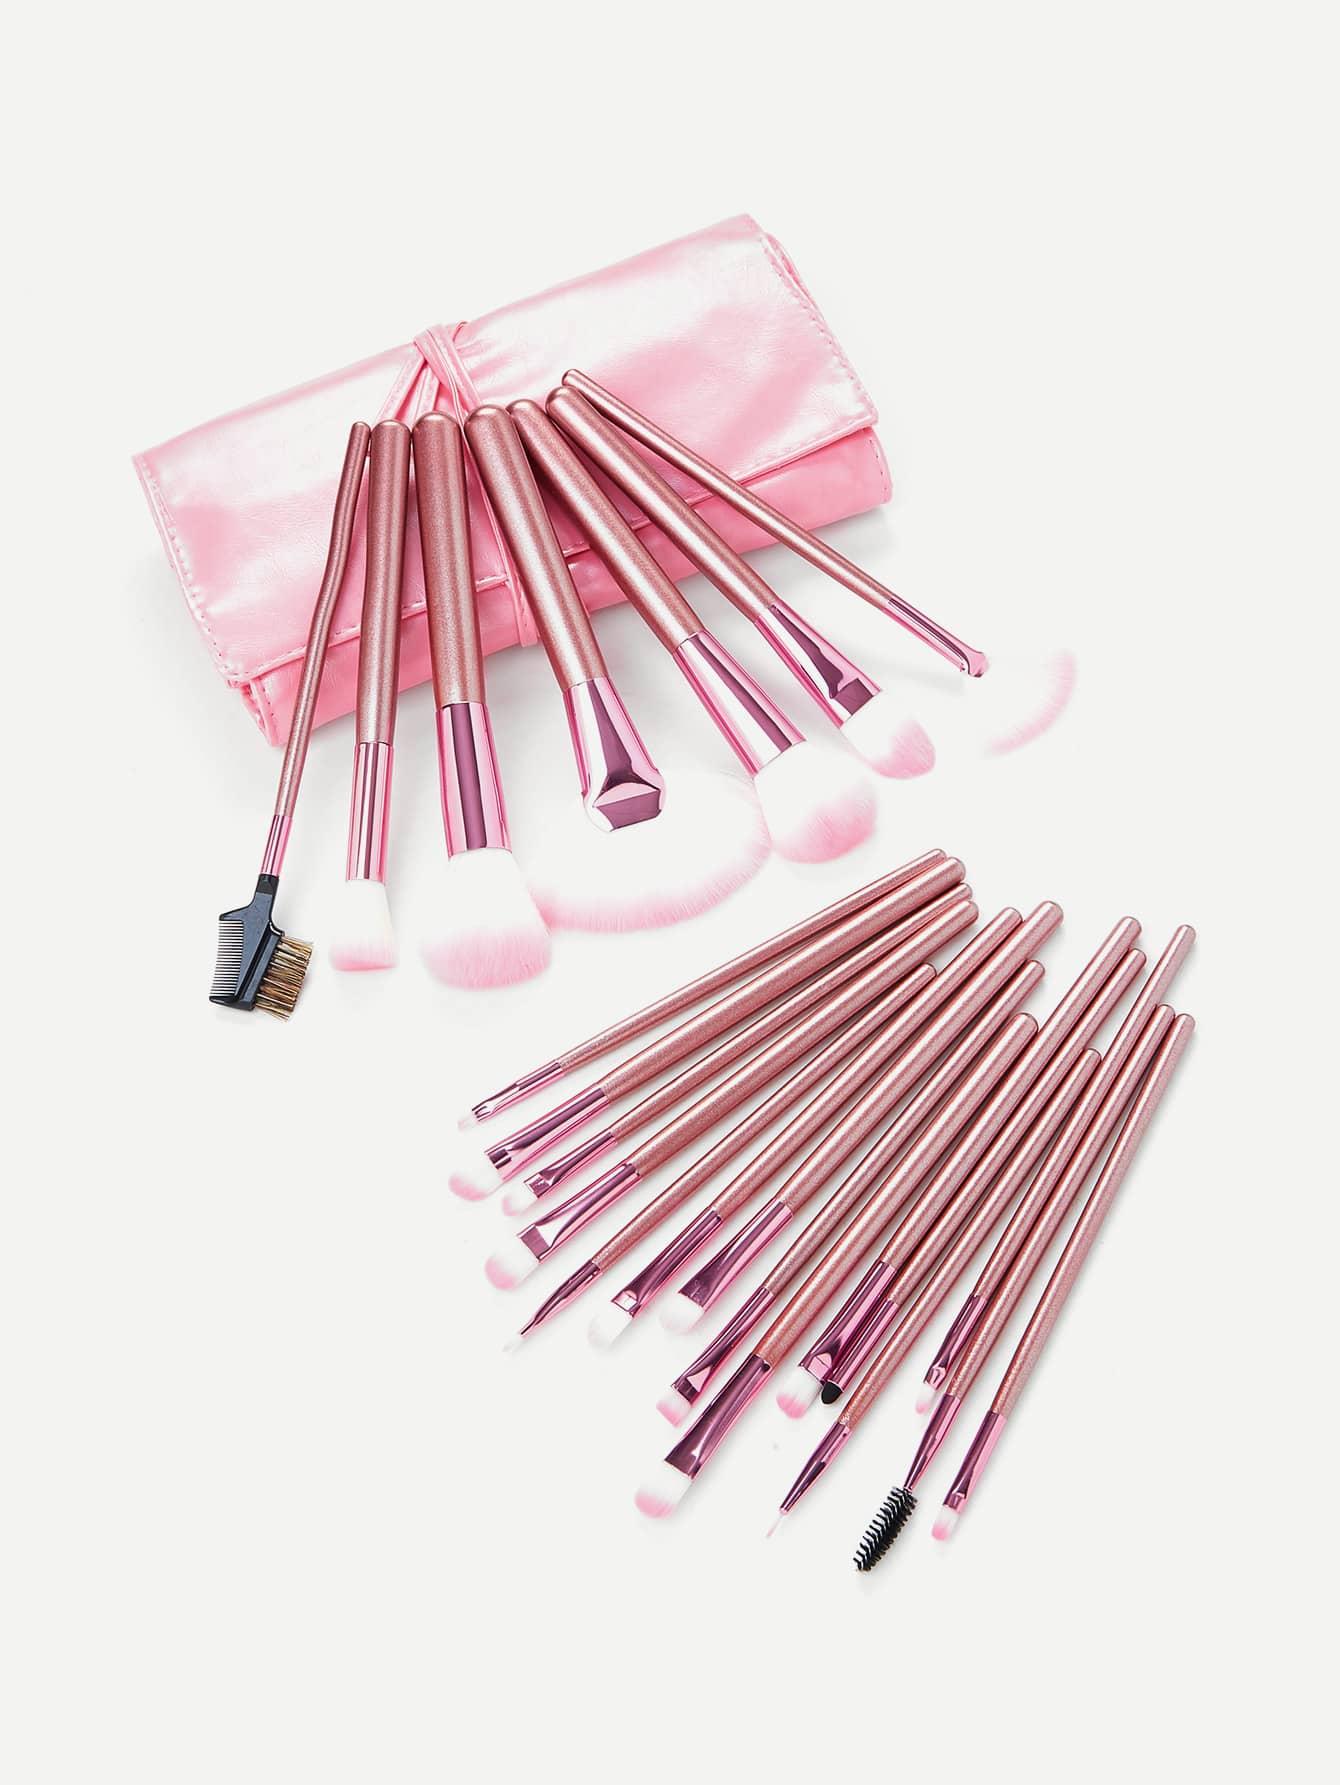 22pcs Pink Makeup Brush Set